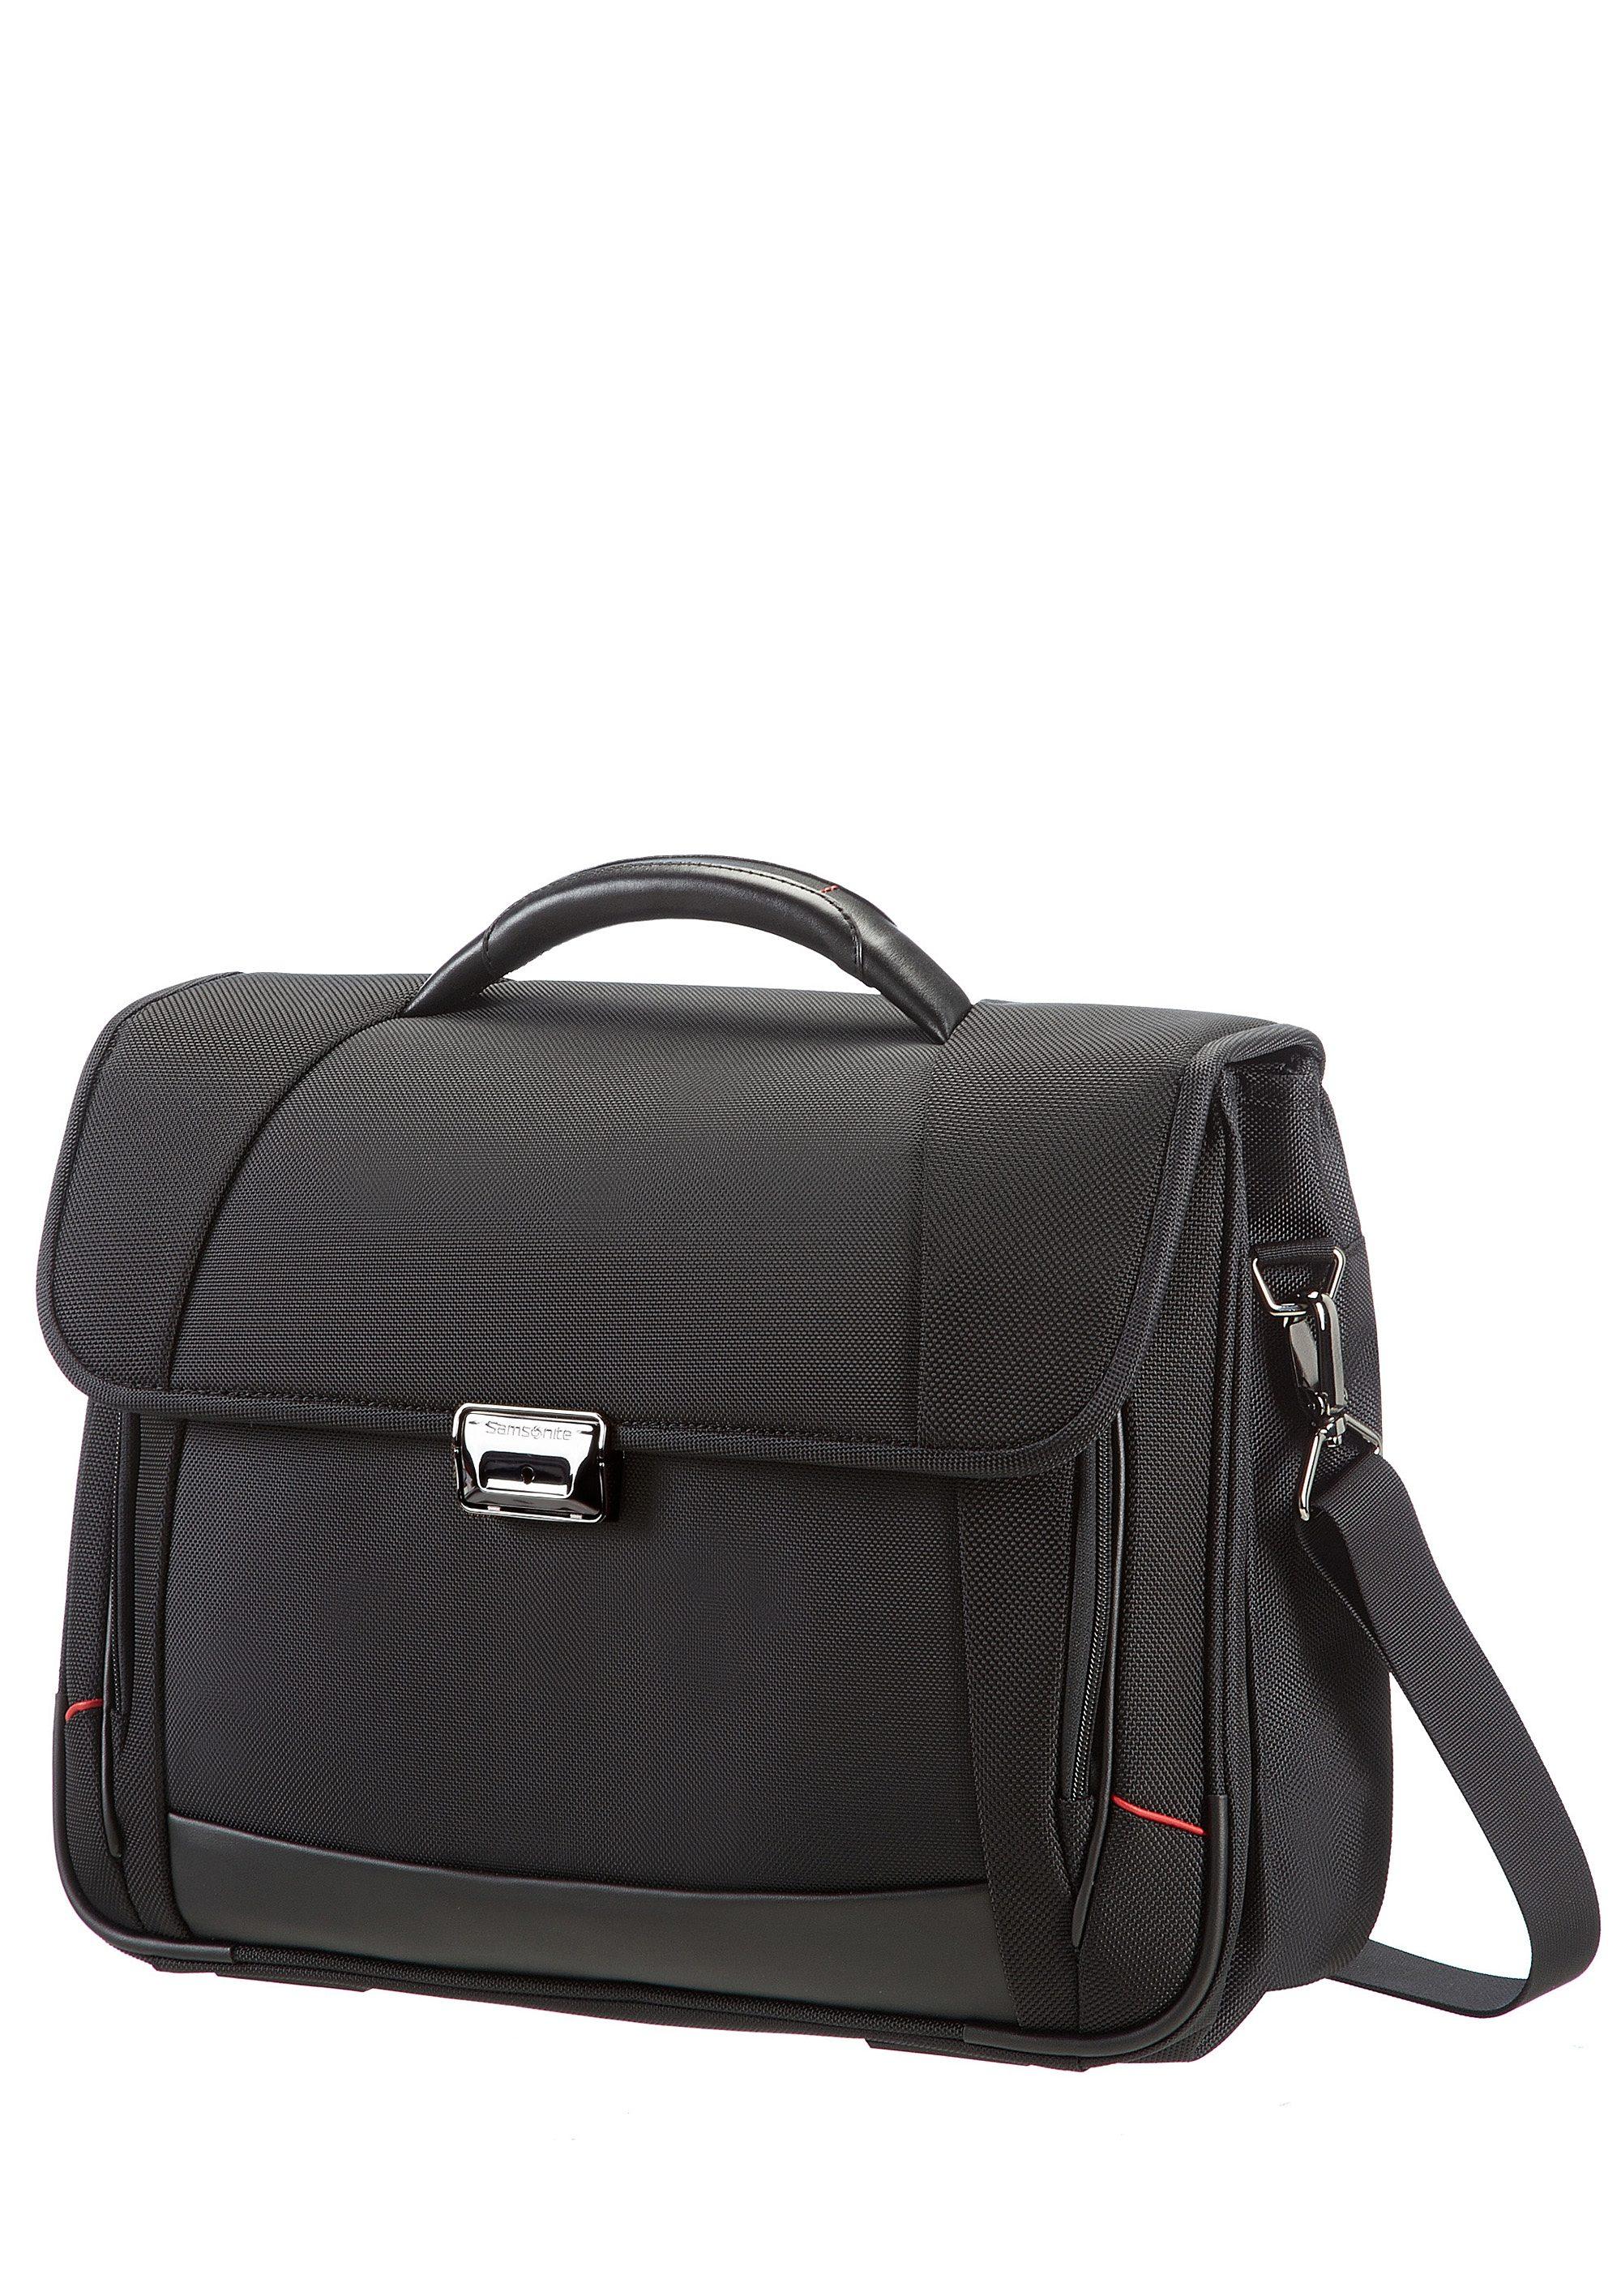 Samsonite Businesstasche mit 2 Fächern, Tablet- und 16-Zoll Laptopfach, »Pro-DLX4«